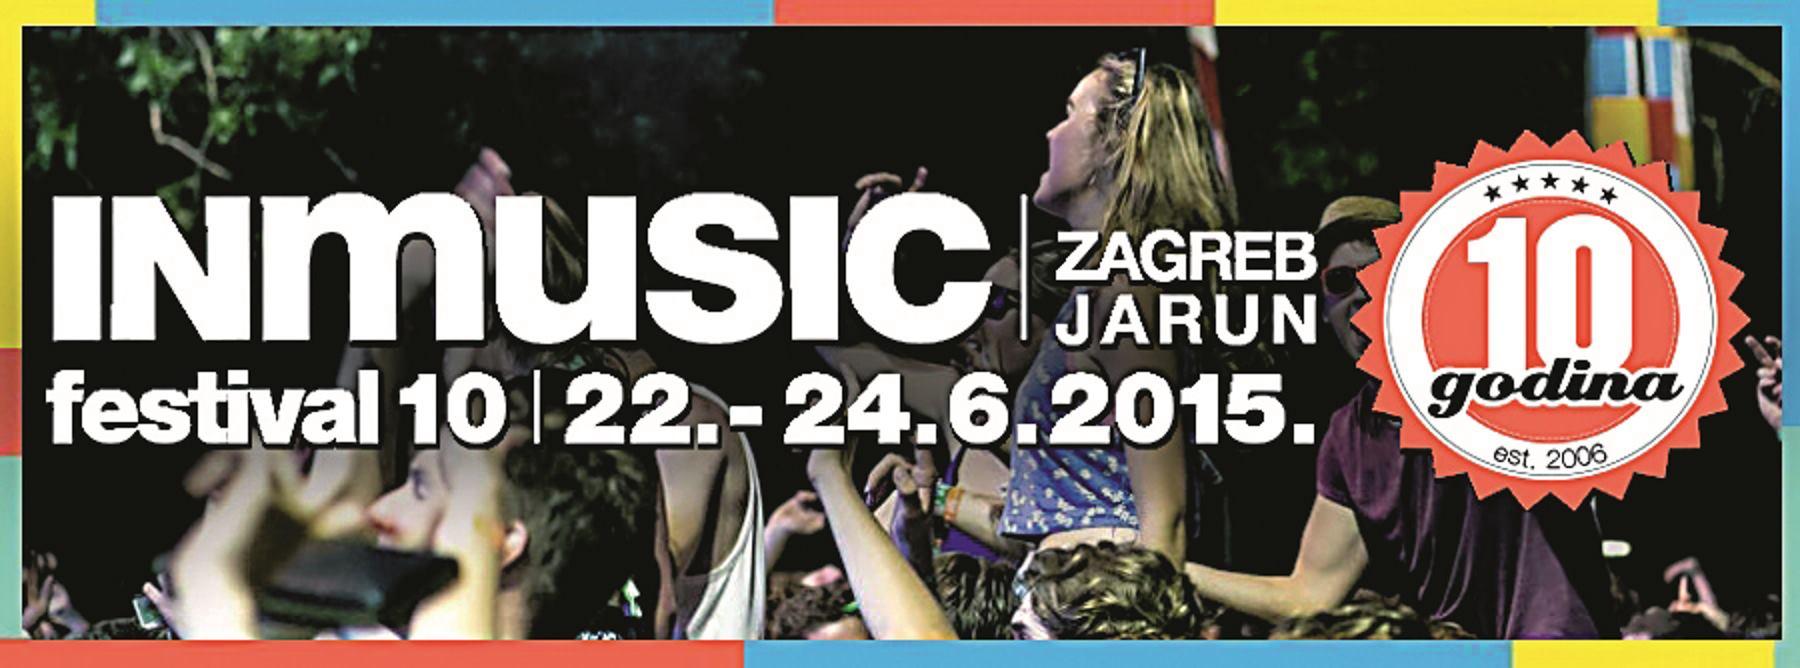 Počinje 10. jubilarni INmusic festival